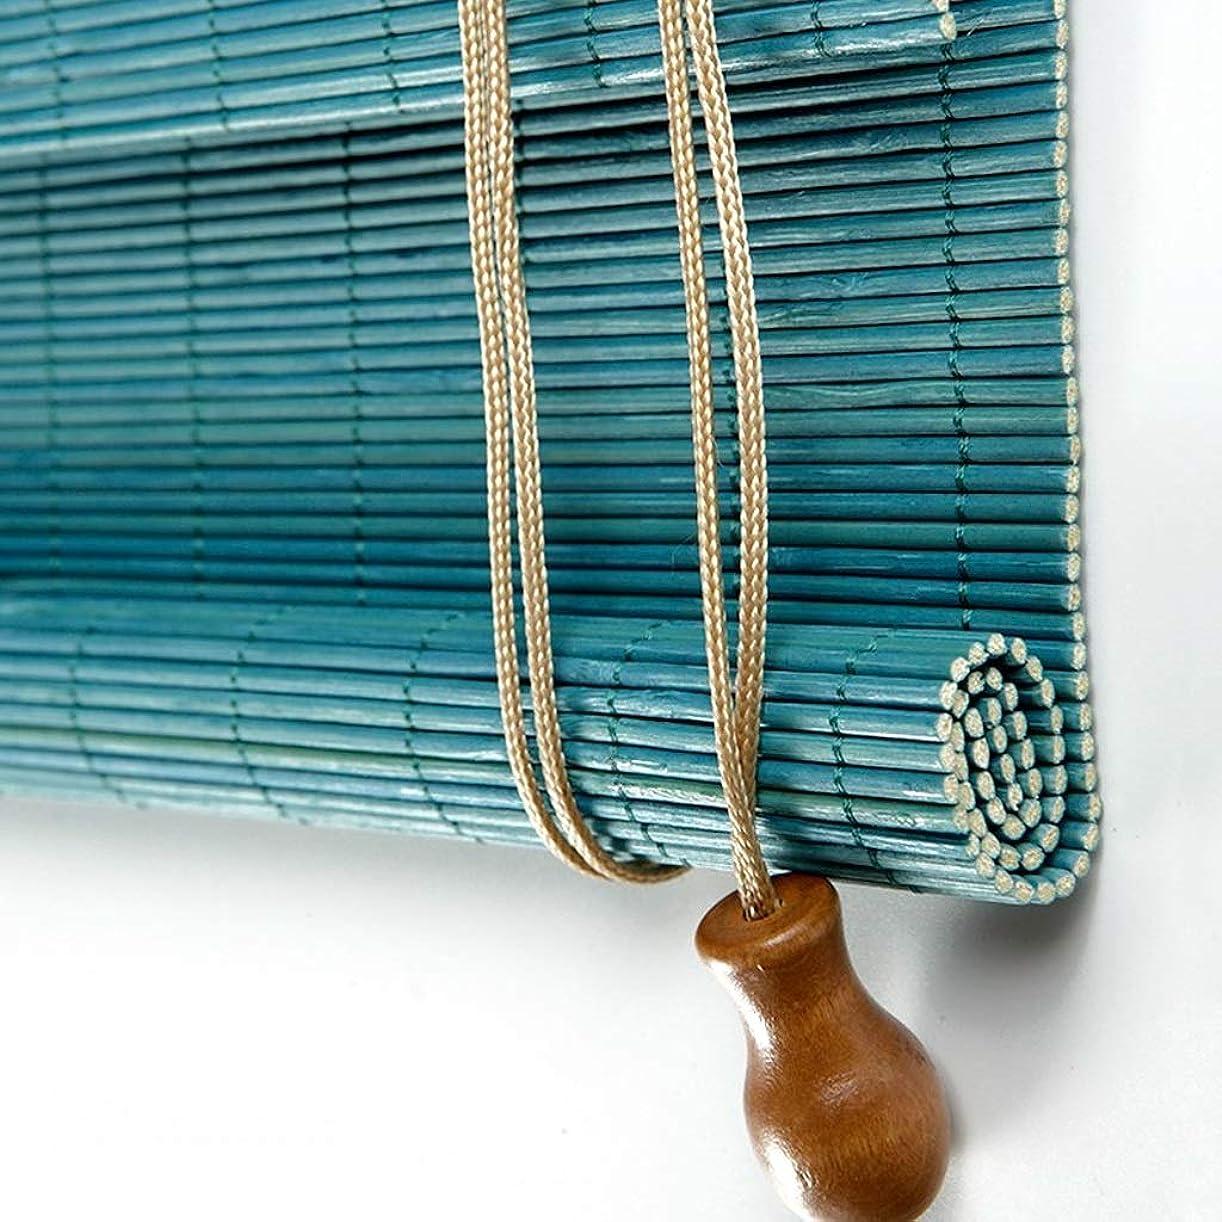 年咽頭石化するWJ 竹製カーテンローラー - カーテン竹製カーテン室内の日焼け止めパーティション竹製カーテンリビングルームの寝室の日よけ巾着カスタマイズ可能ブルー(複数のサイズ) /-/ (Size : 120x160cm)